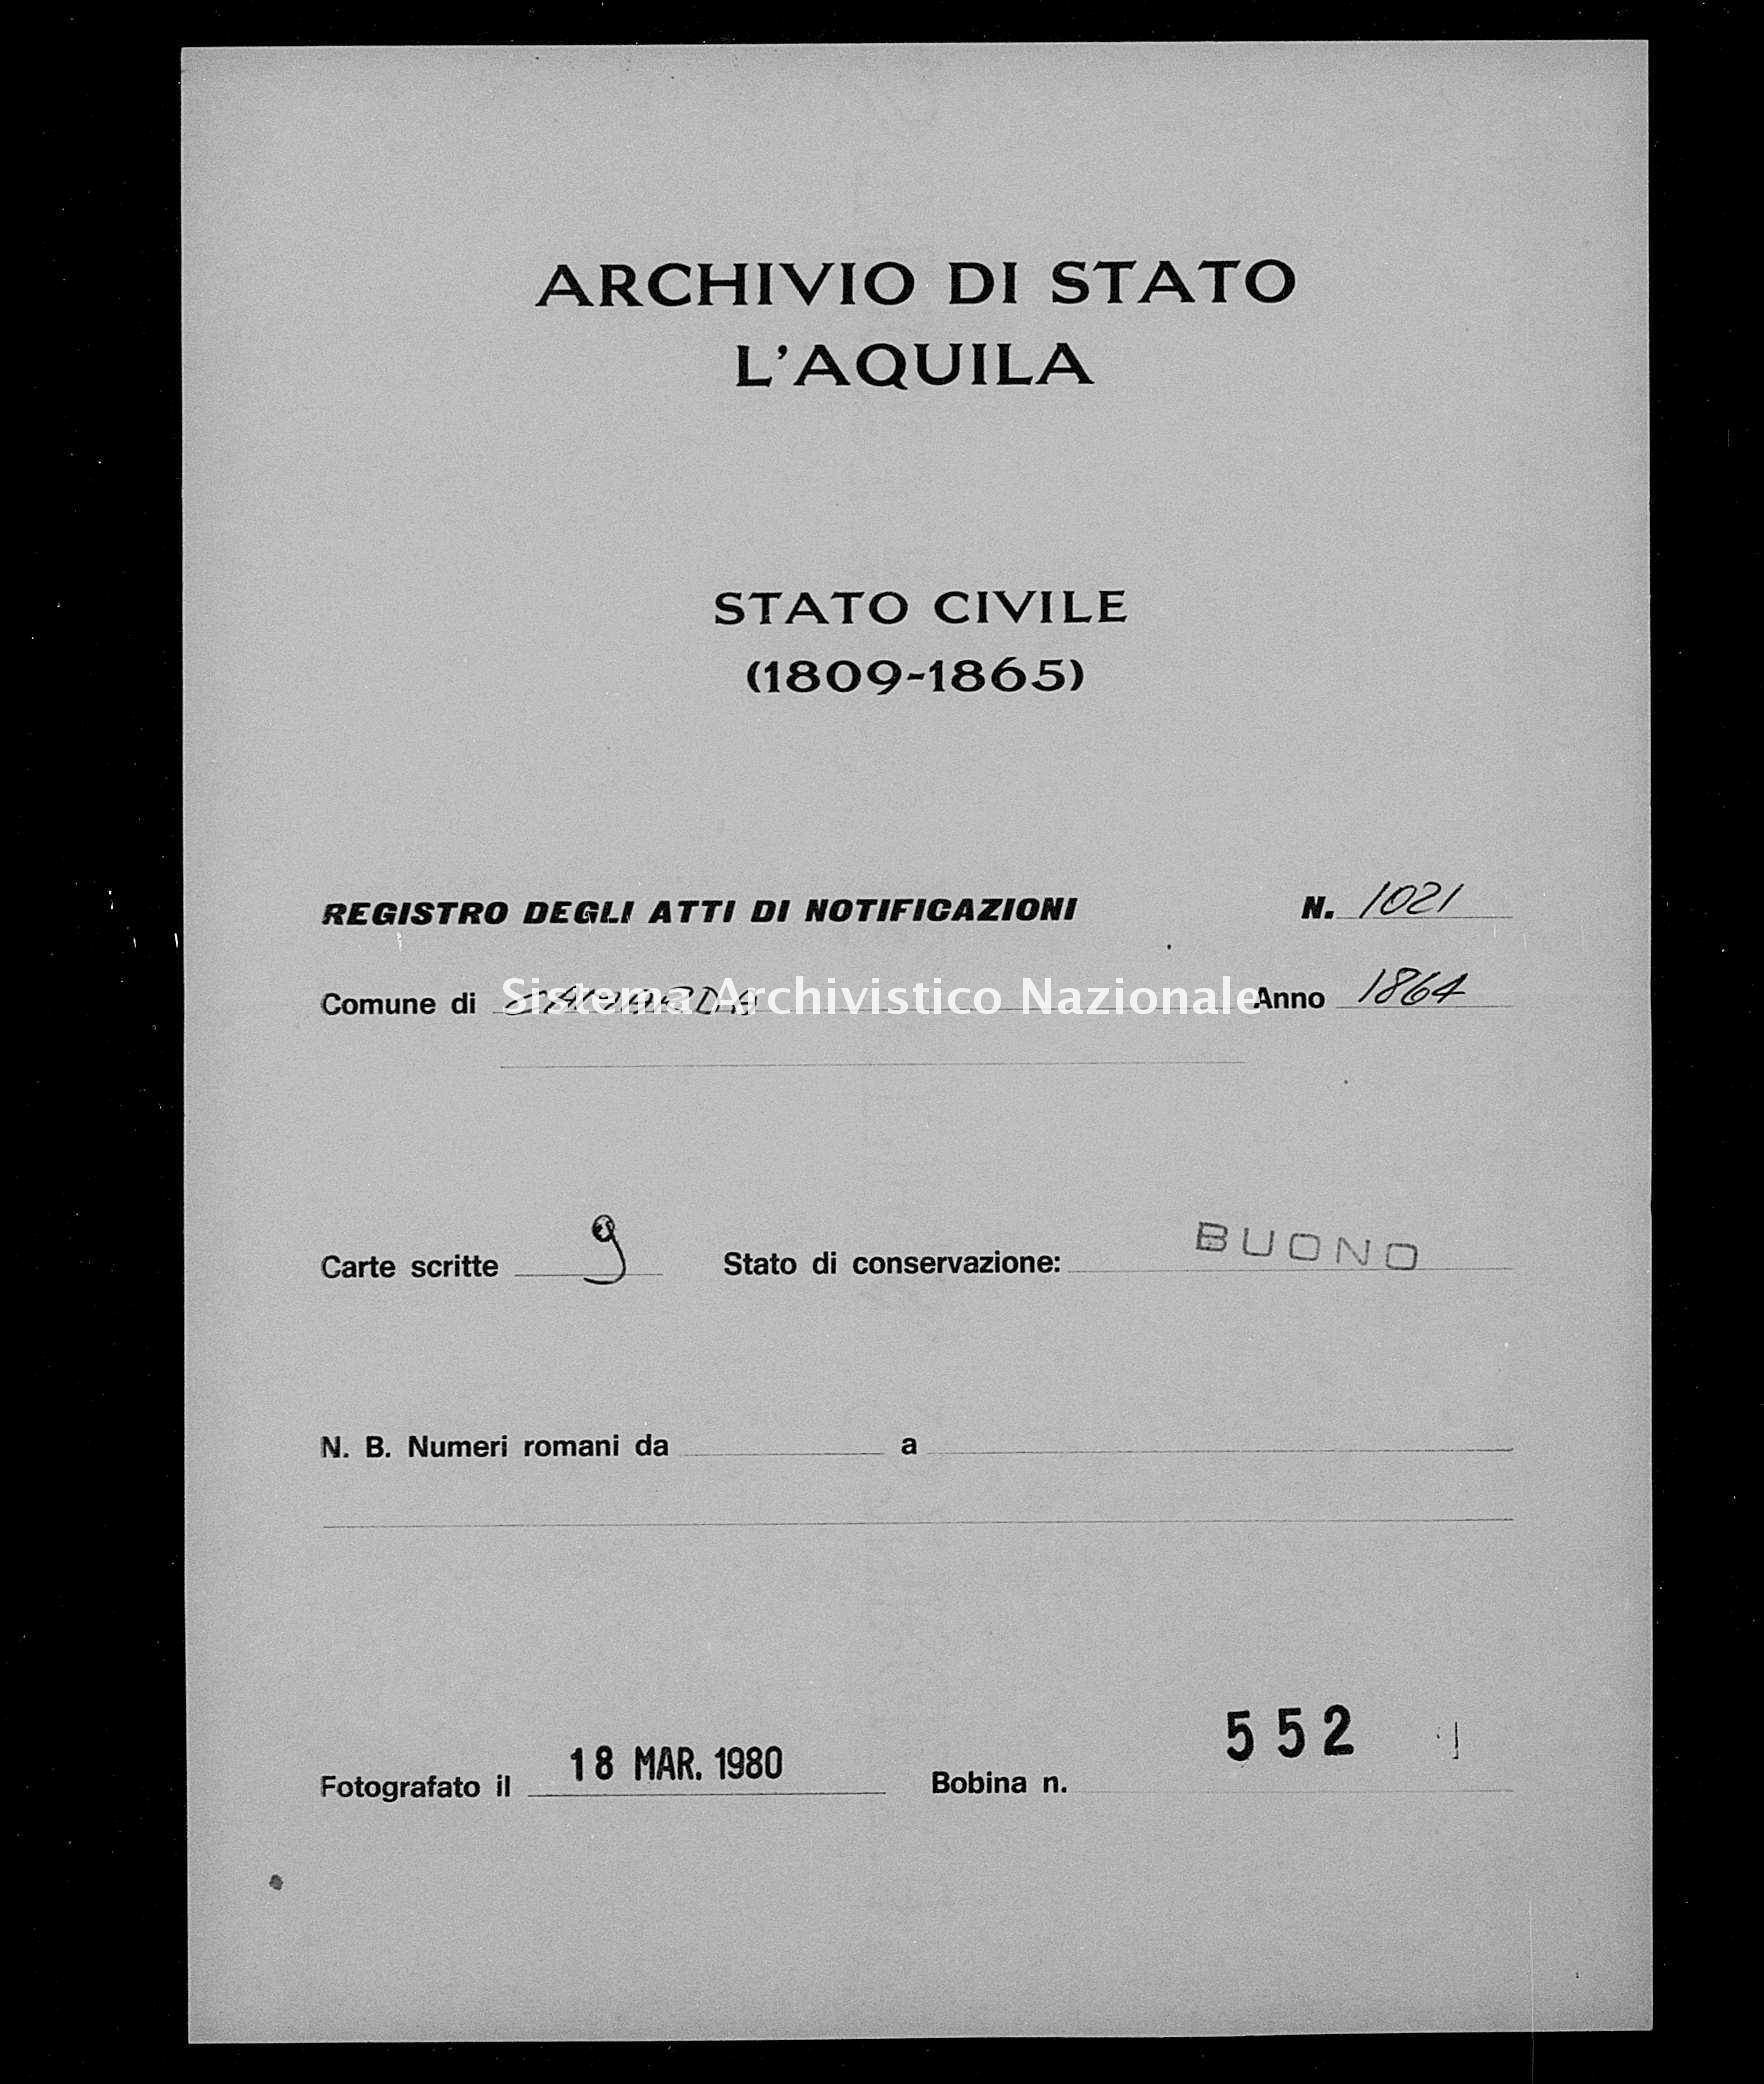 Archivio di stato di L'aquila - Stato civile italiano - Camarda - Matrimoni, memorandum notificazioni ed opposizioni - 1864 - 1021 -